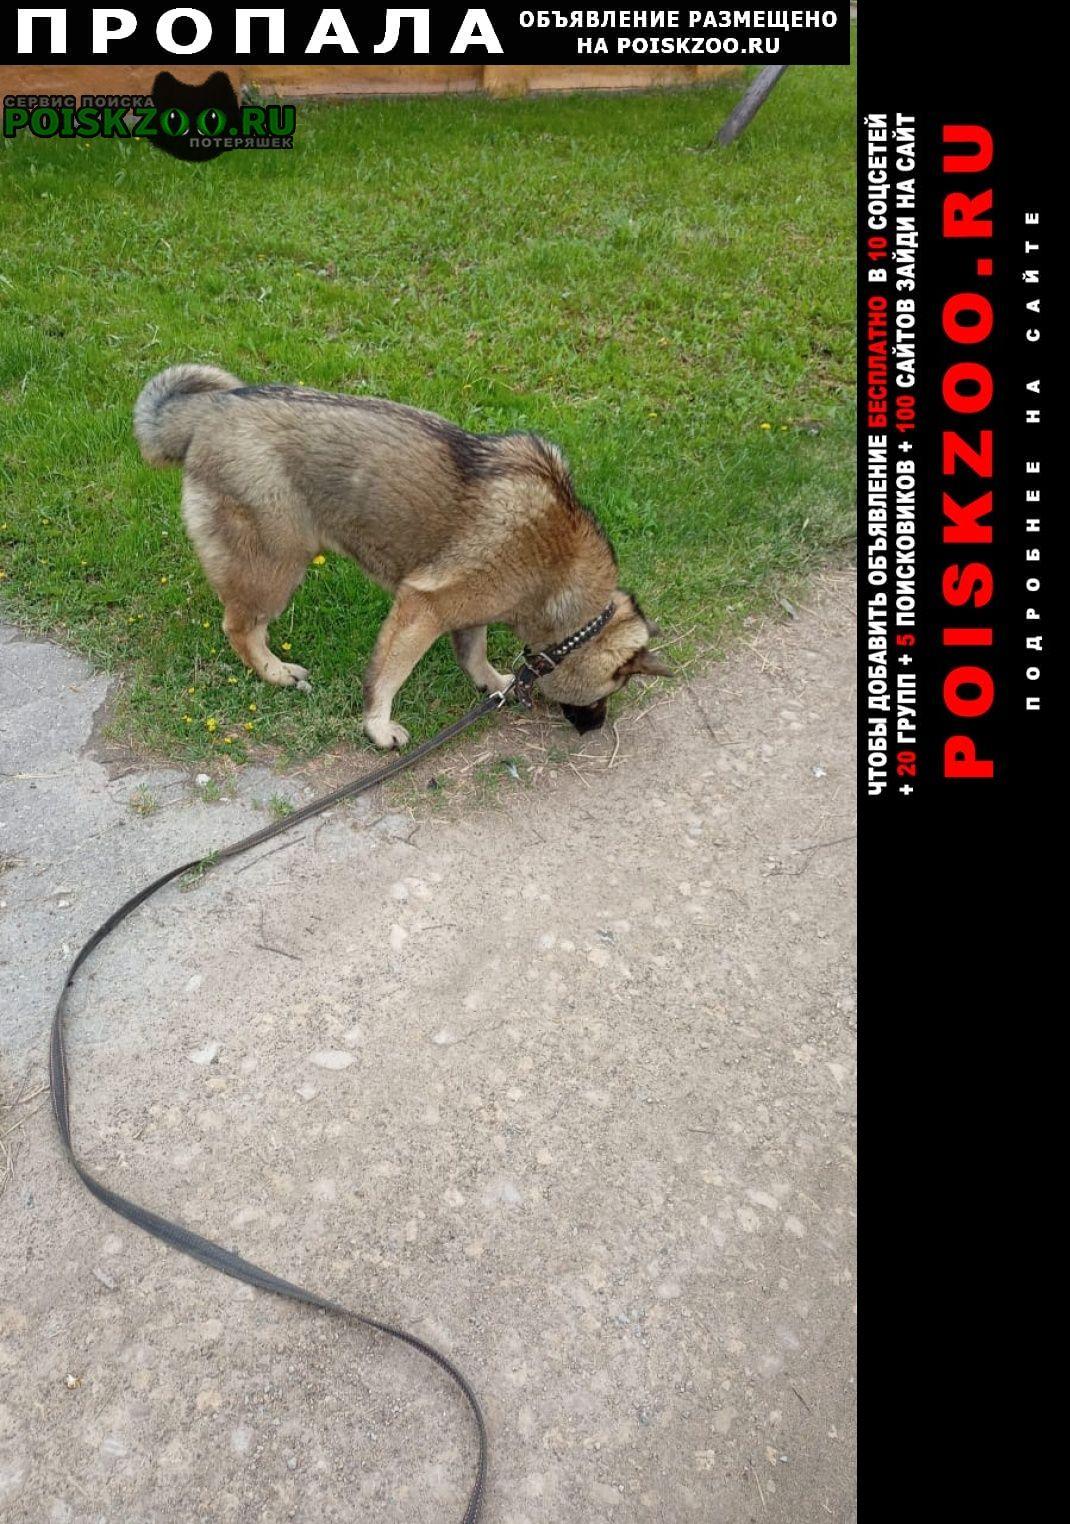 Пропала собака Тула